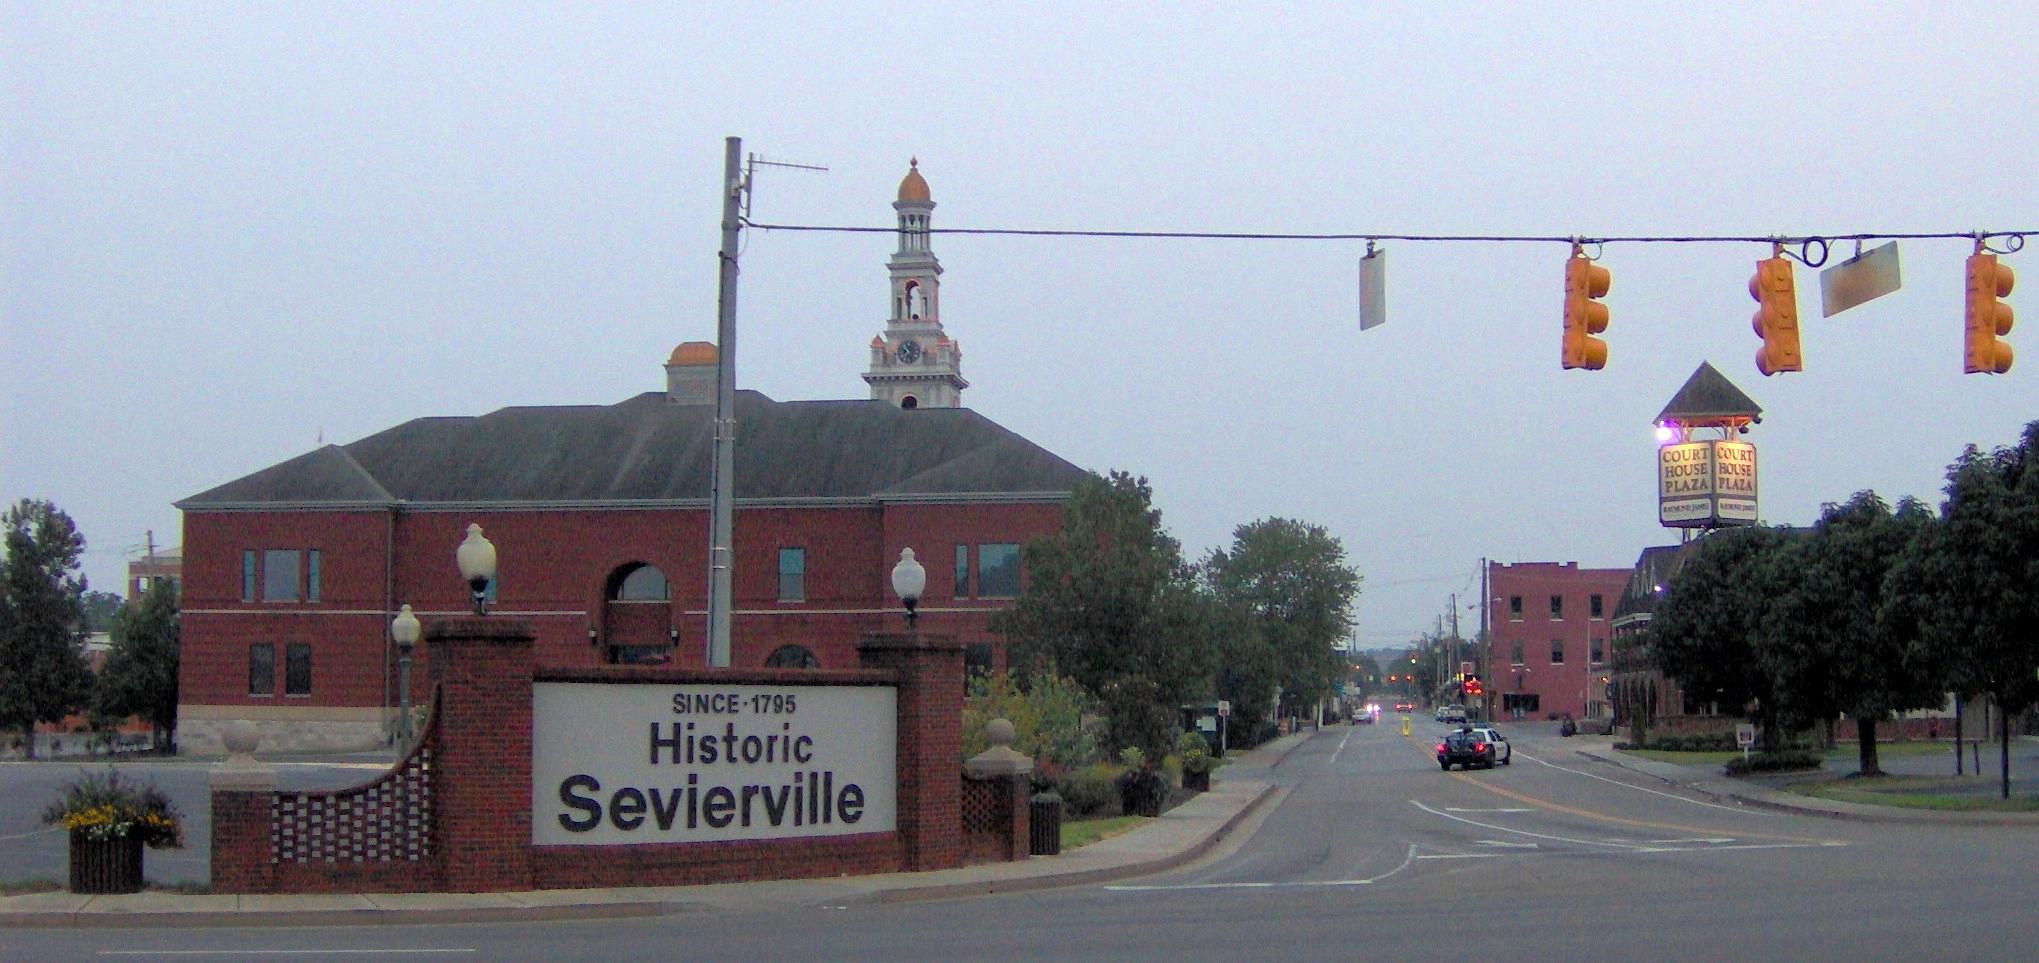 Sevierville-historic-district-entrance